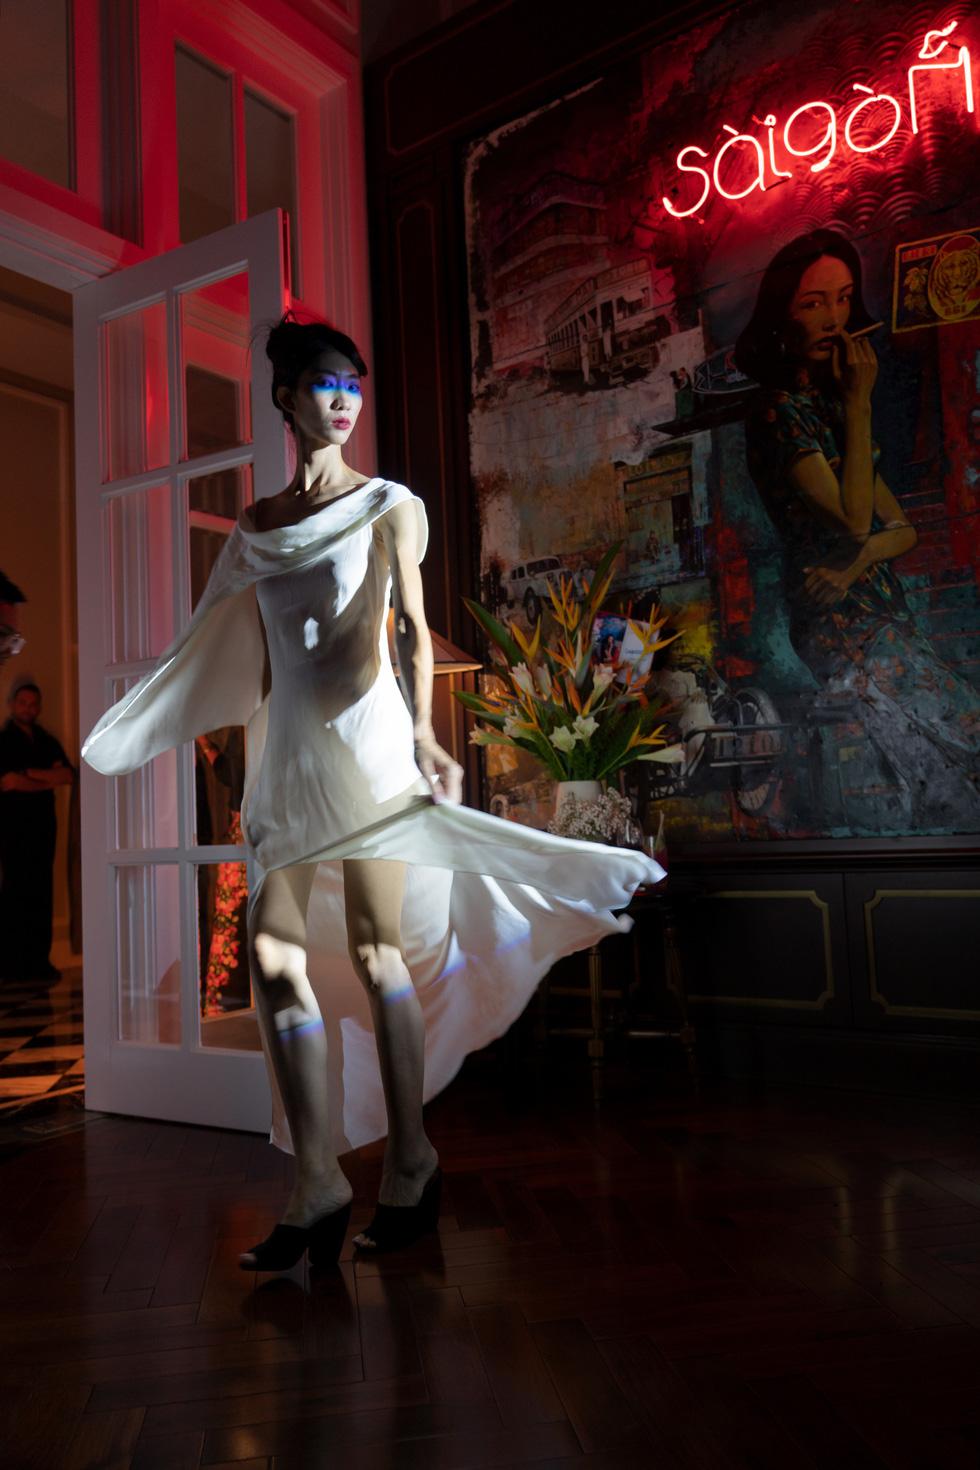 Nhà thiết kế Li Lam: Thời trang liên quan đến nội tâm nhiều hơn những gì hào nhoáng bên ngoài - Ảnh 1.